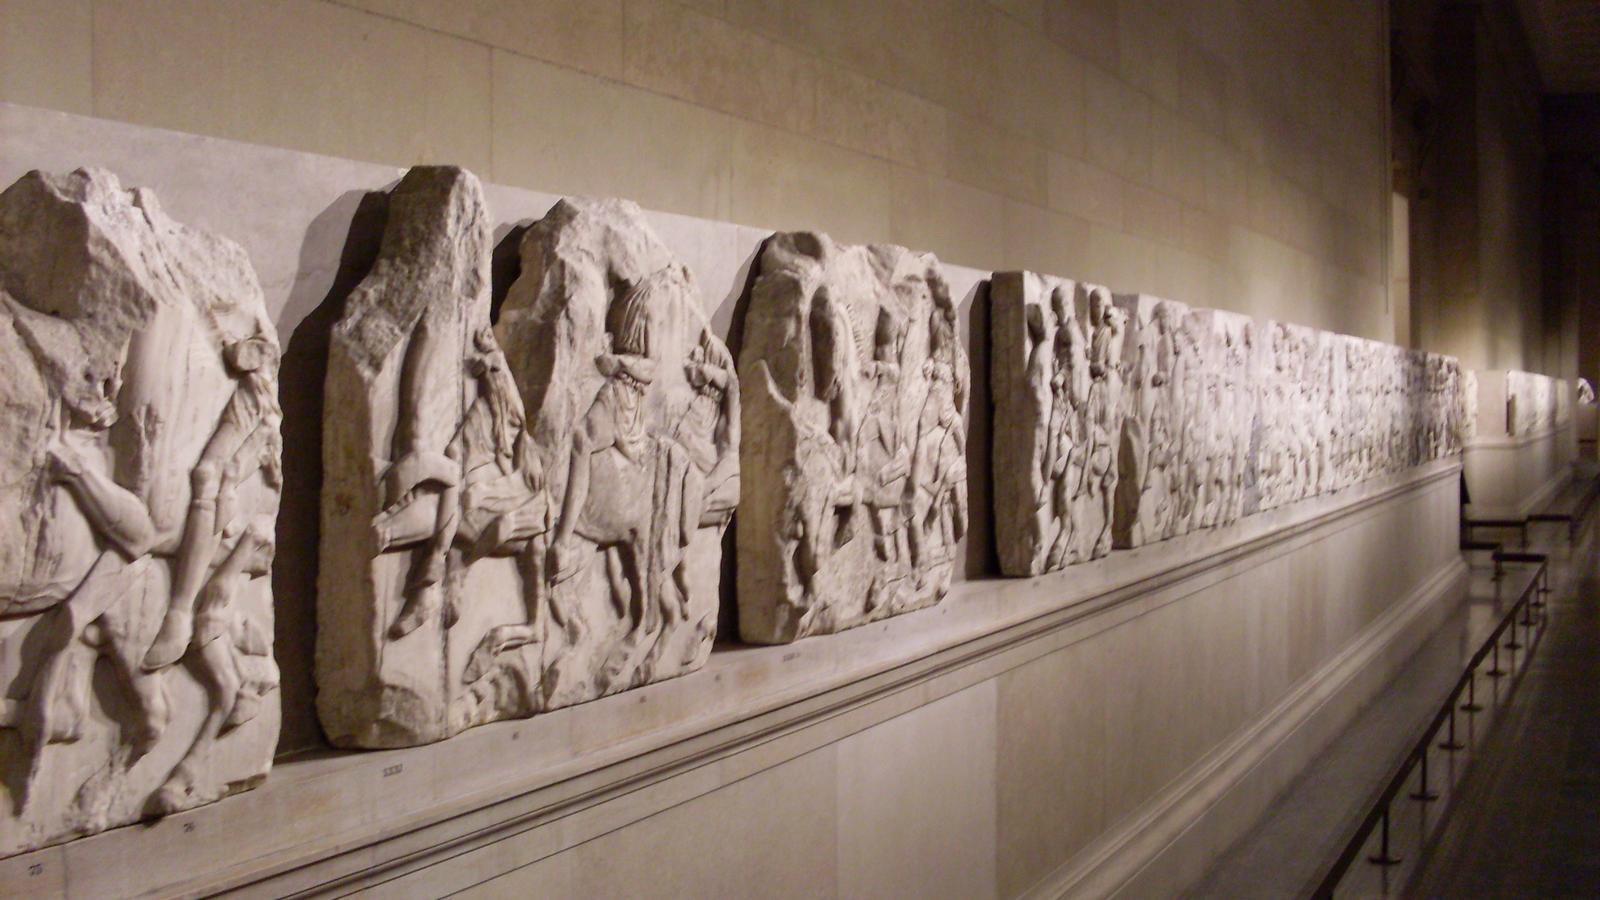 Un aspecte de la galeria del Museu Britànic on es troben els anomenats 'Marbres d'Elgin'